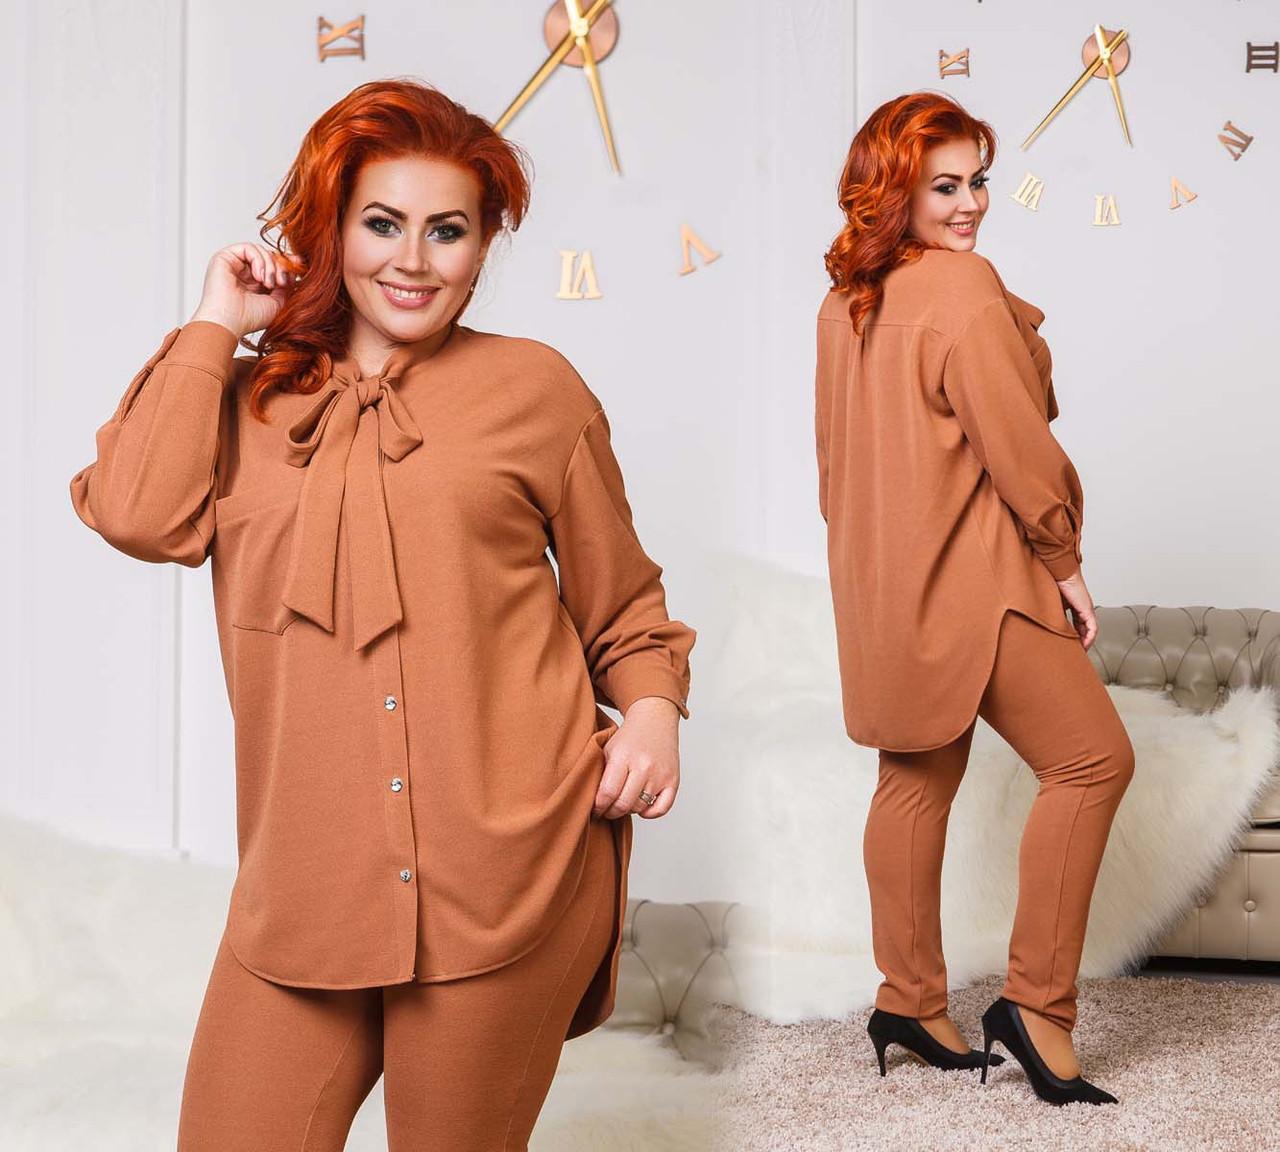 """Элегантный женский брючный костюм в больших размерах """"Лакост Рубашка Бант"""" в расцветках (DG-р41191.1)"""